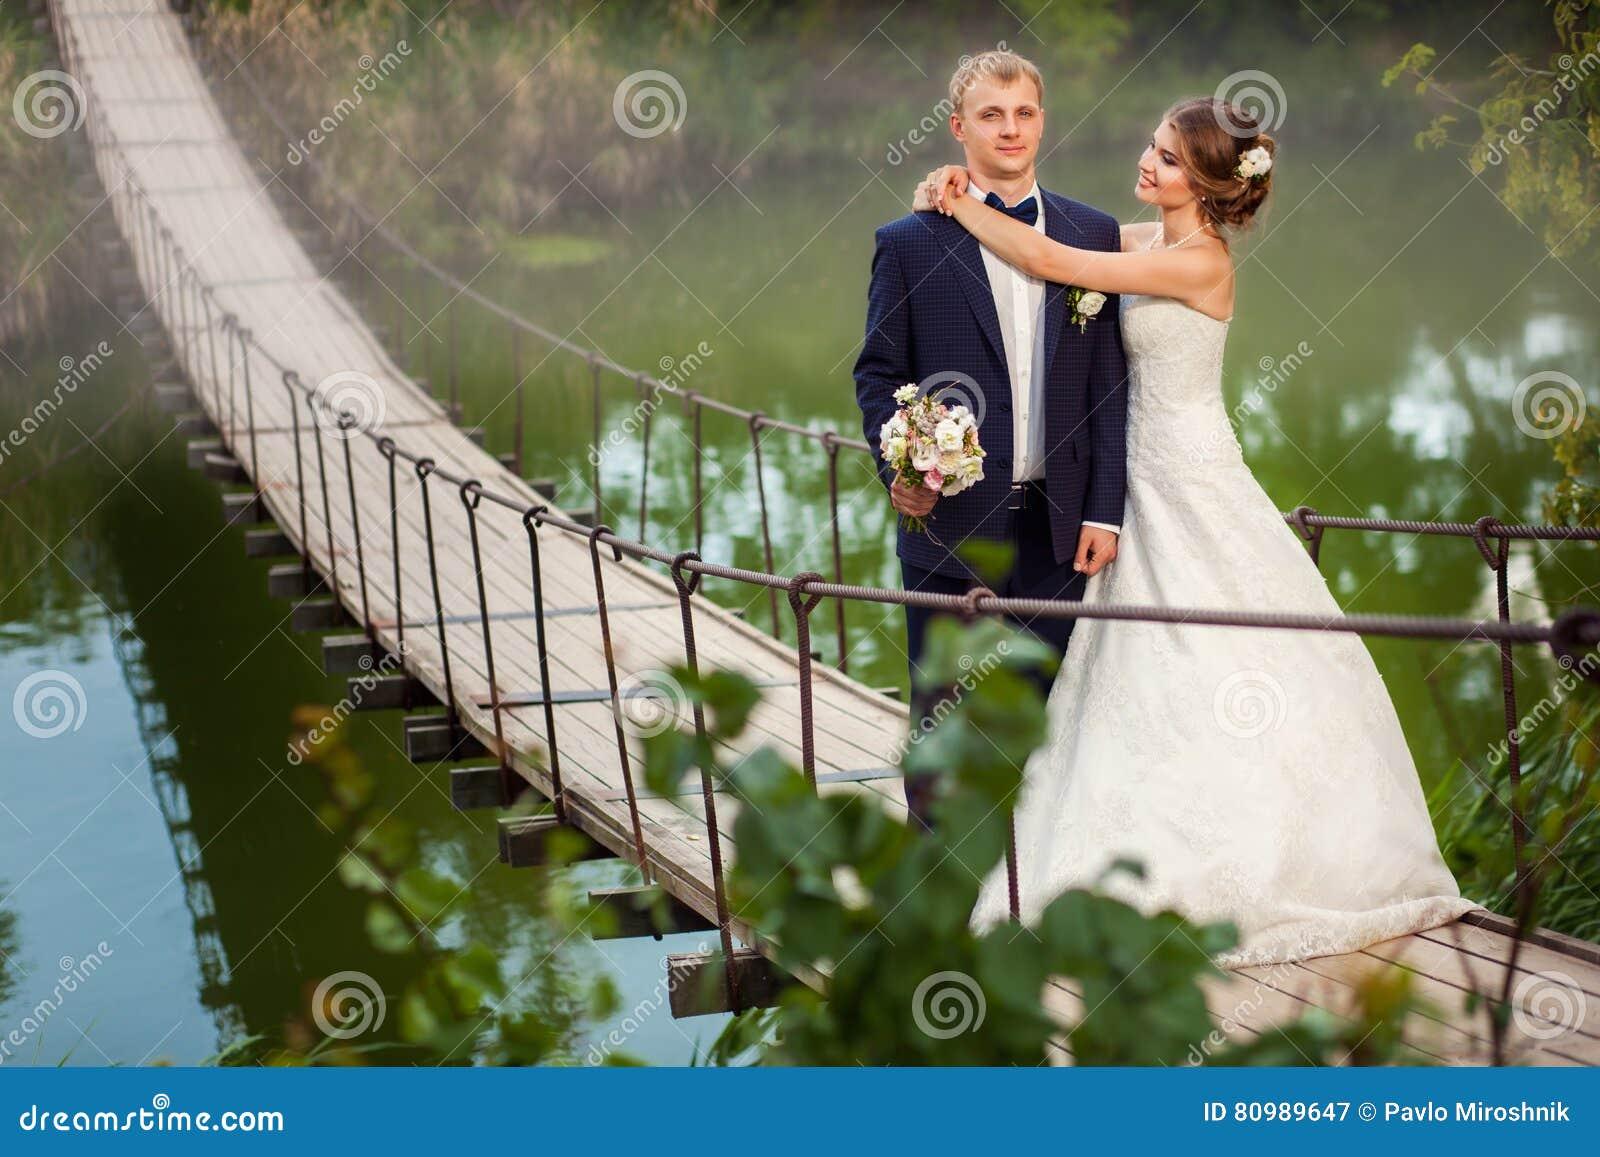 Sposa che abbraccia sposo sul ponte fotografia stock for Sposa che corre